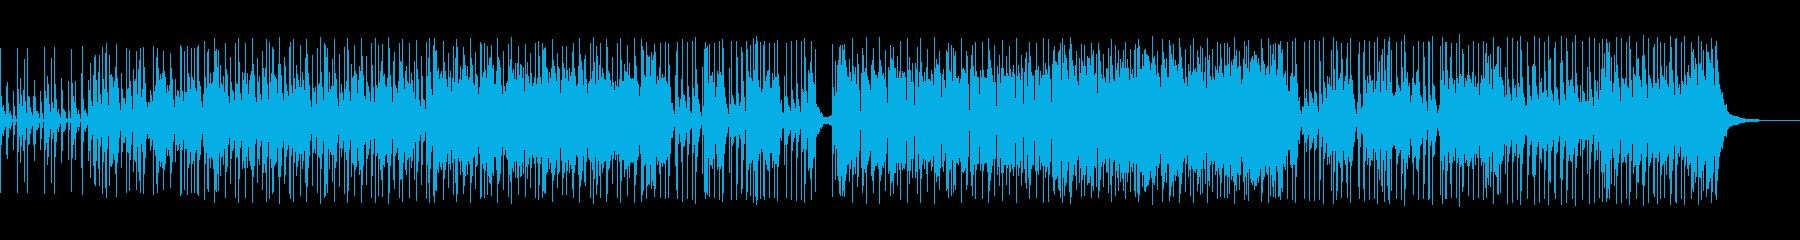 ドラムのキックが効いた不思議なテクノの曲の再生済みの波形